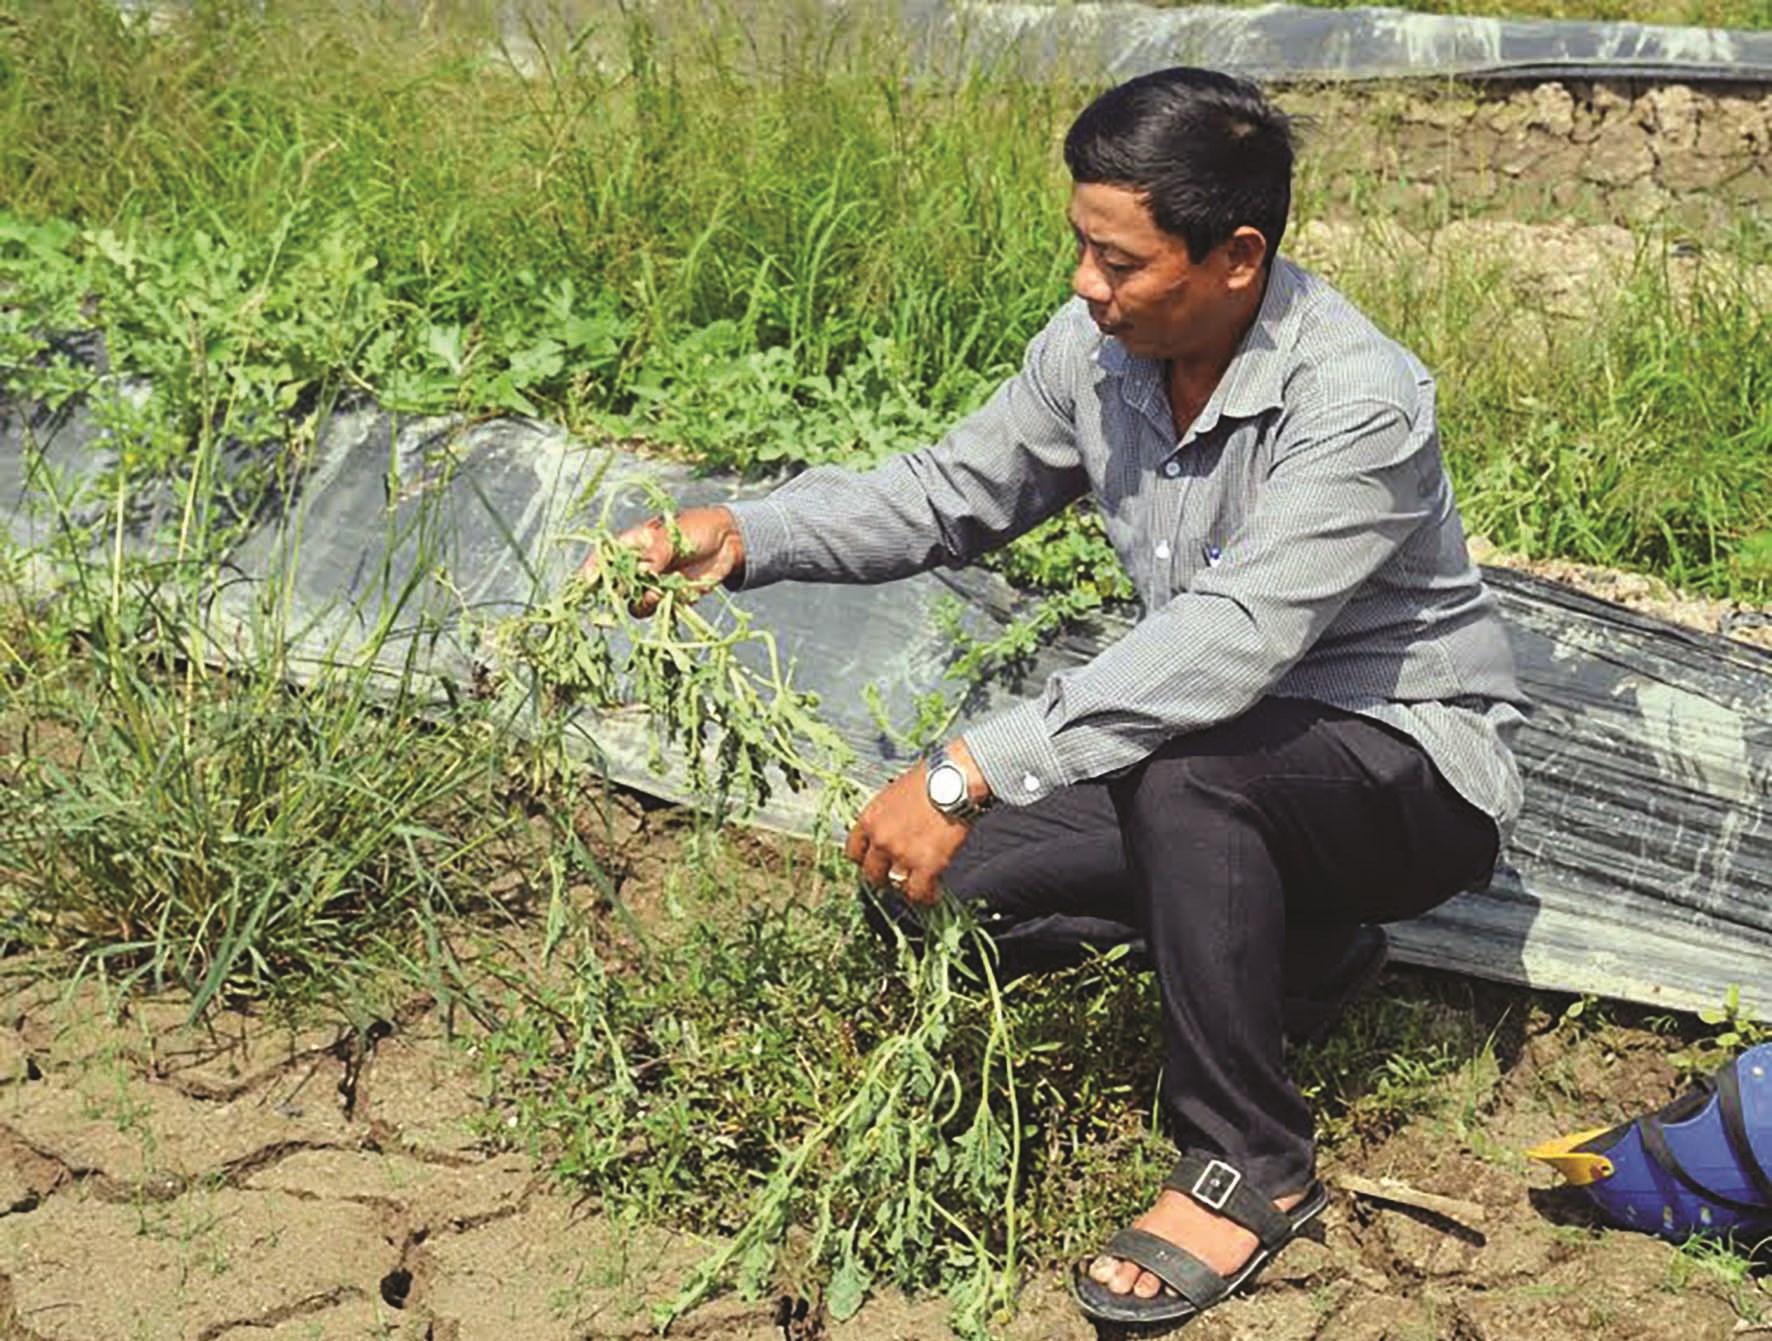 Ông Quách Vĩnh Phương, Chi hội nông dân ấp 5, xã Trần Hợi kiểm tra ruộng dưa của nông dân sắp chết do thiếu nước tưới